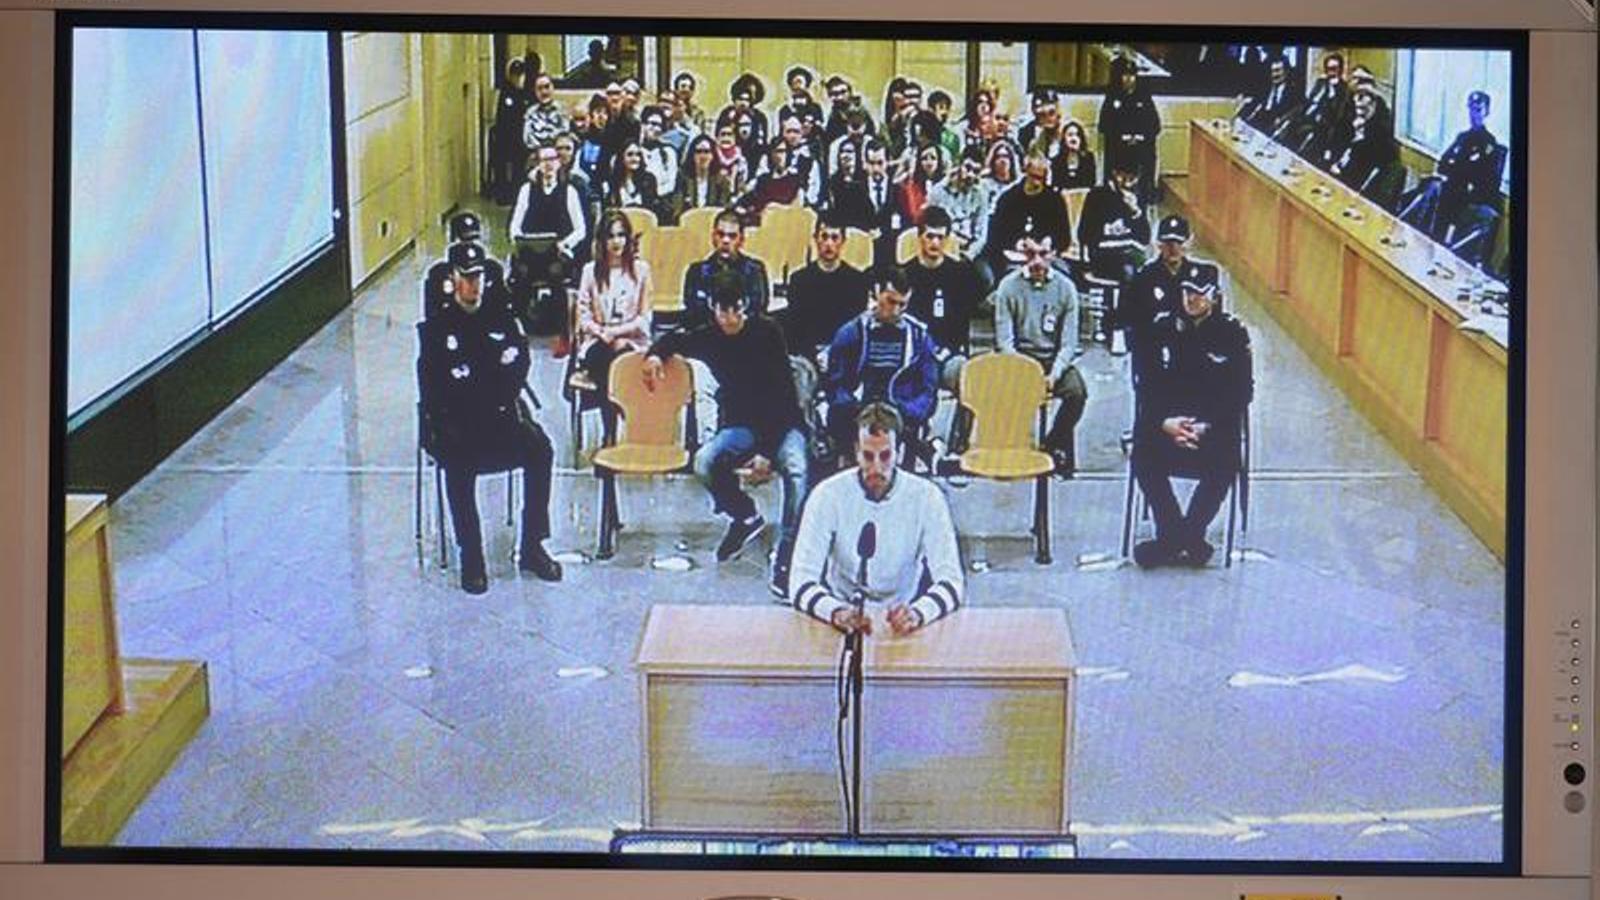 Els joves d'Altsasu rebutgen l'acusació de terrorisme